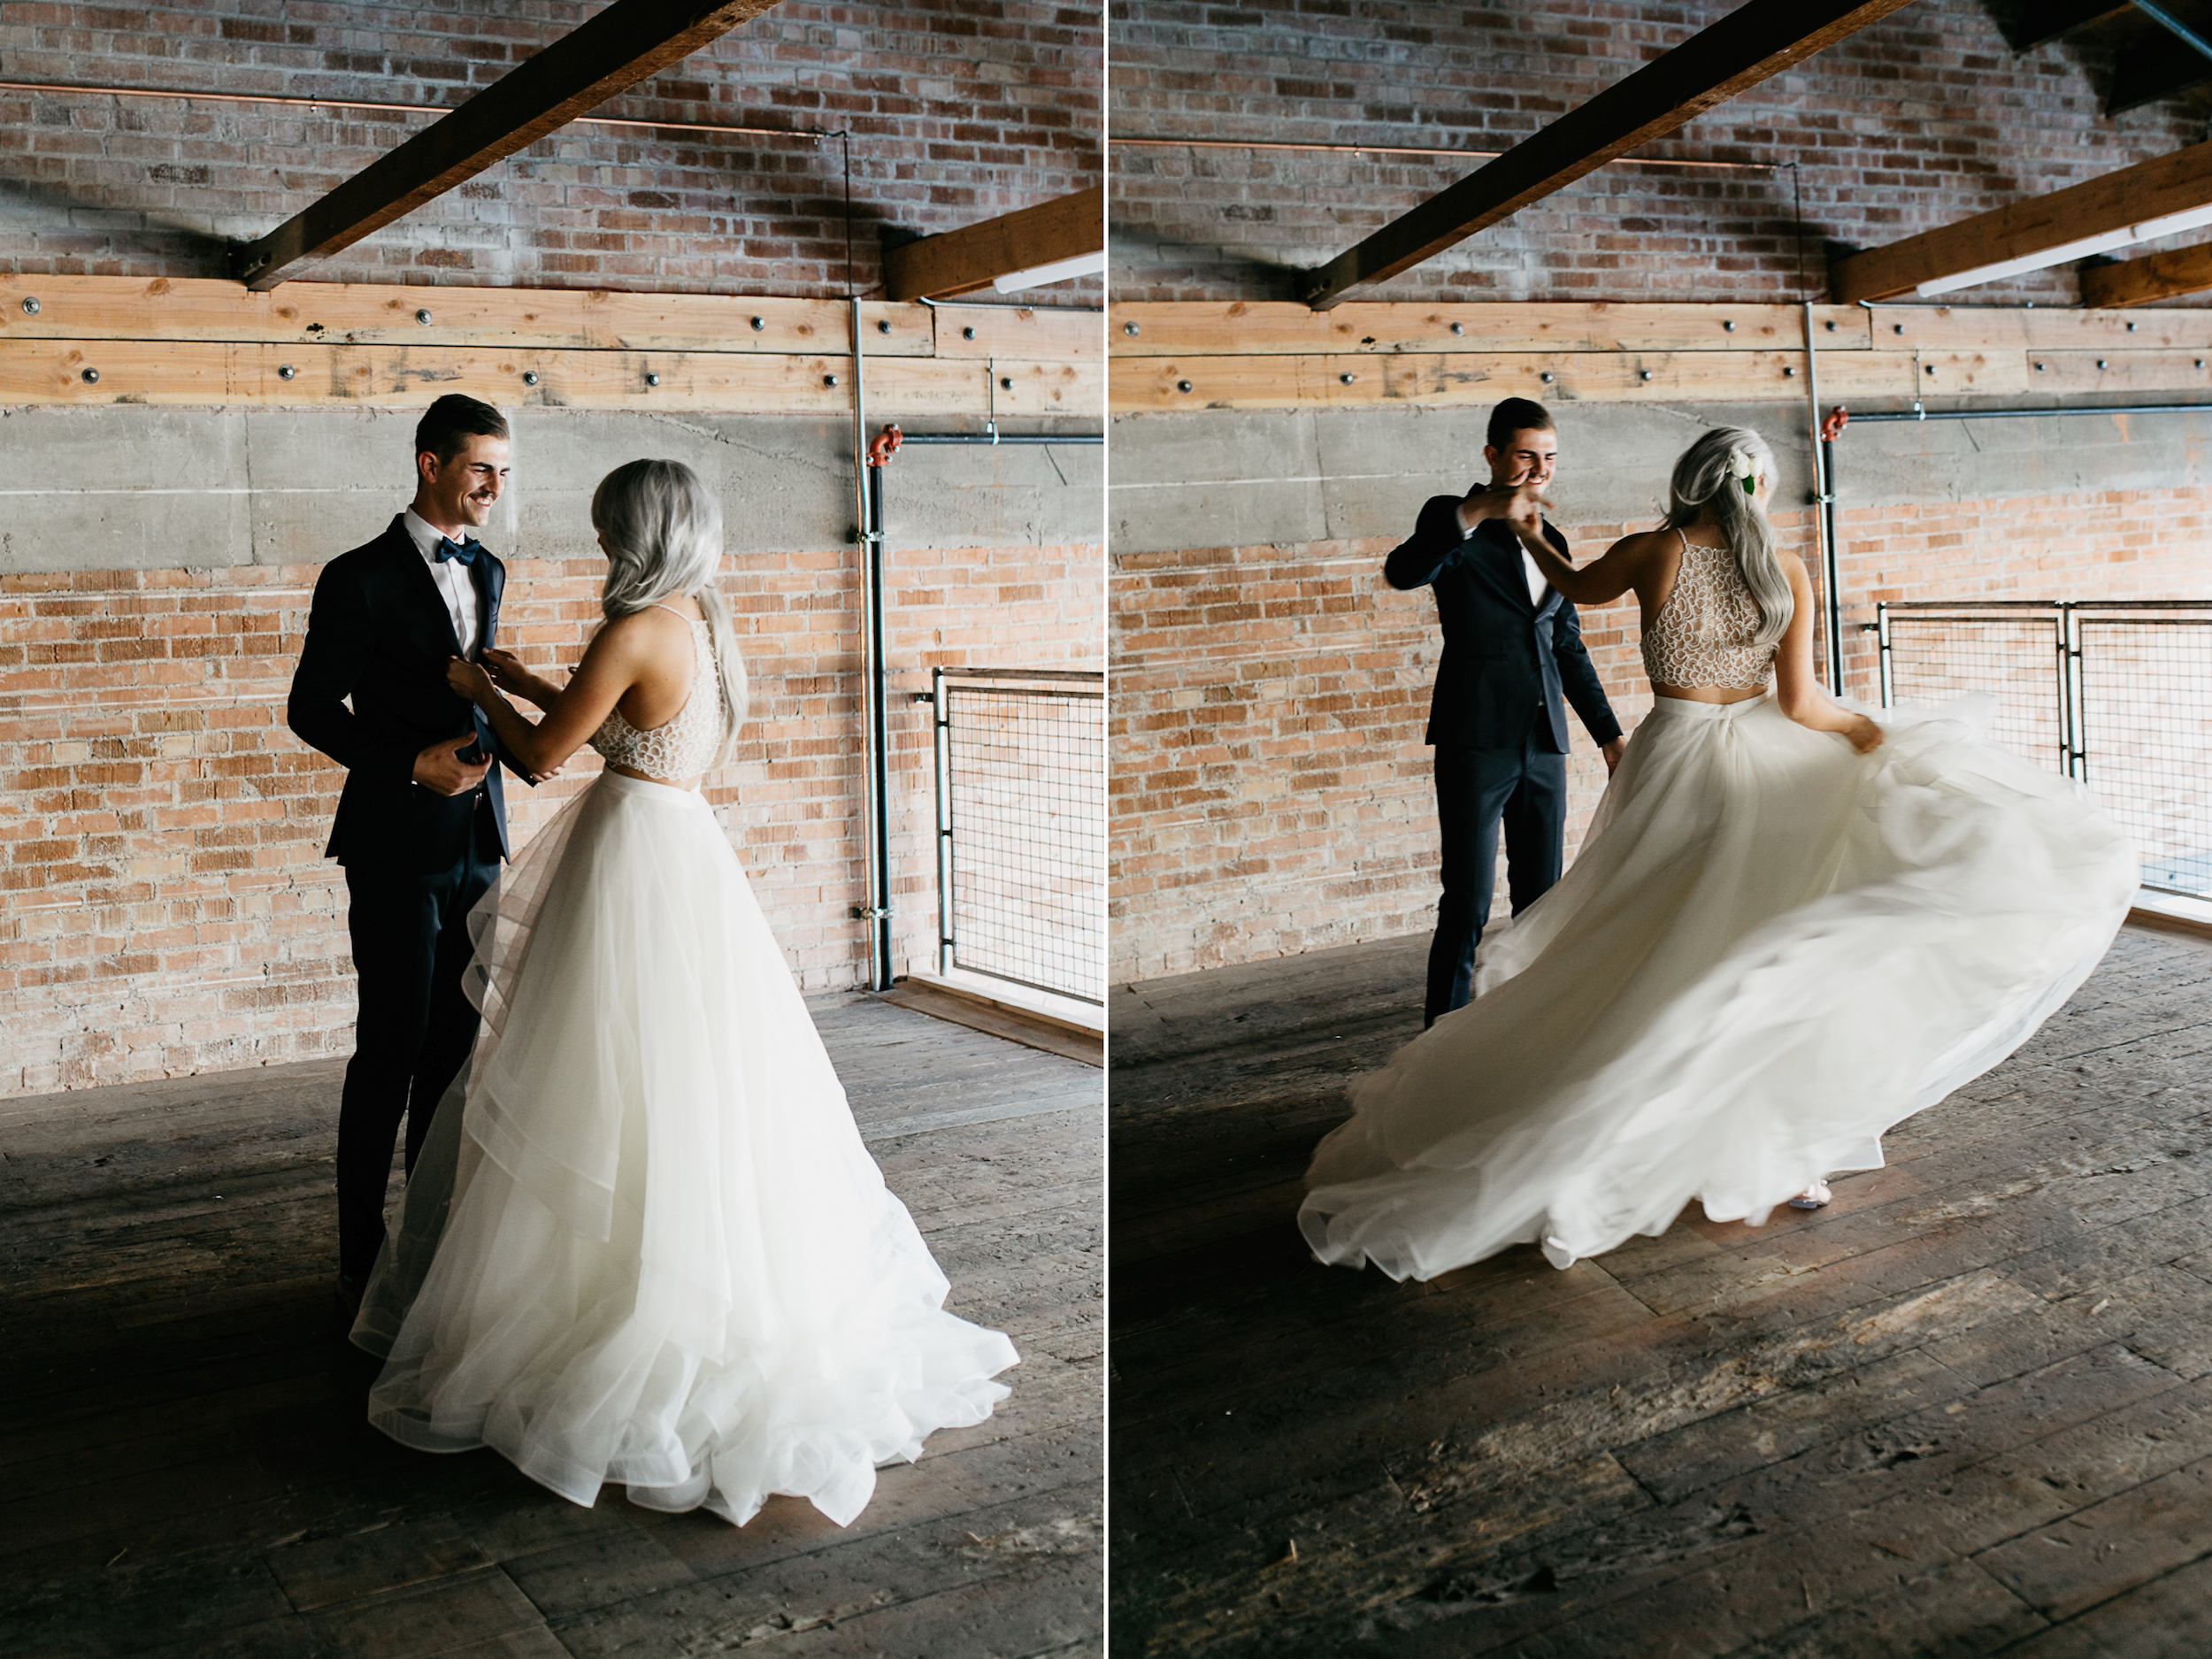 arizona - wedding - photography 0005.jpg